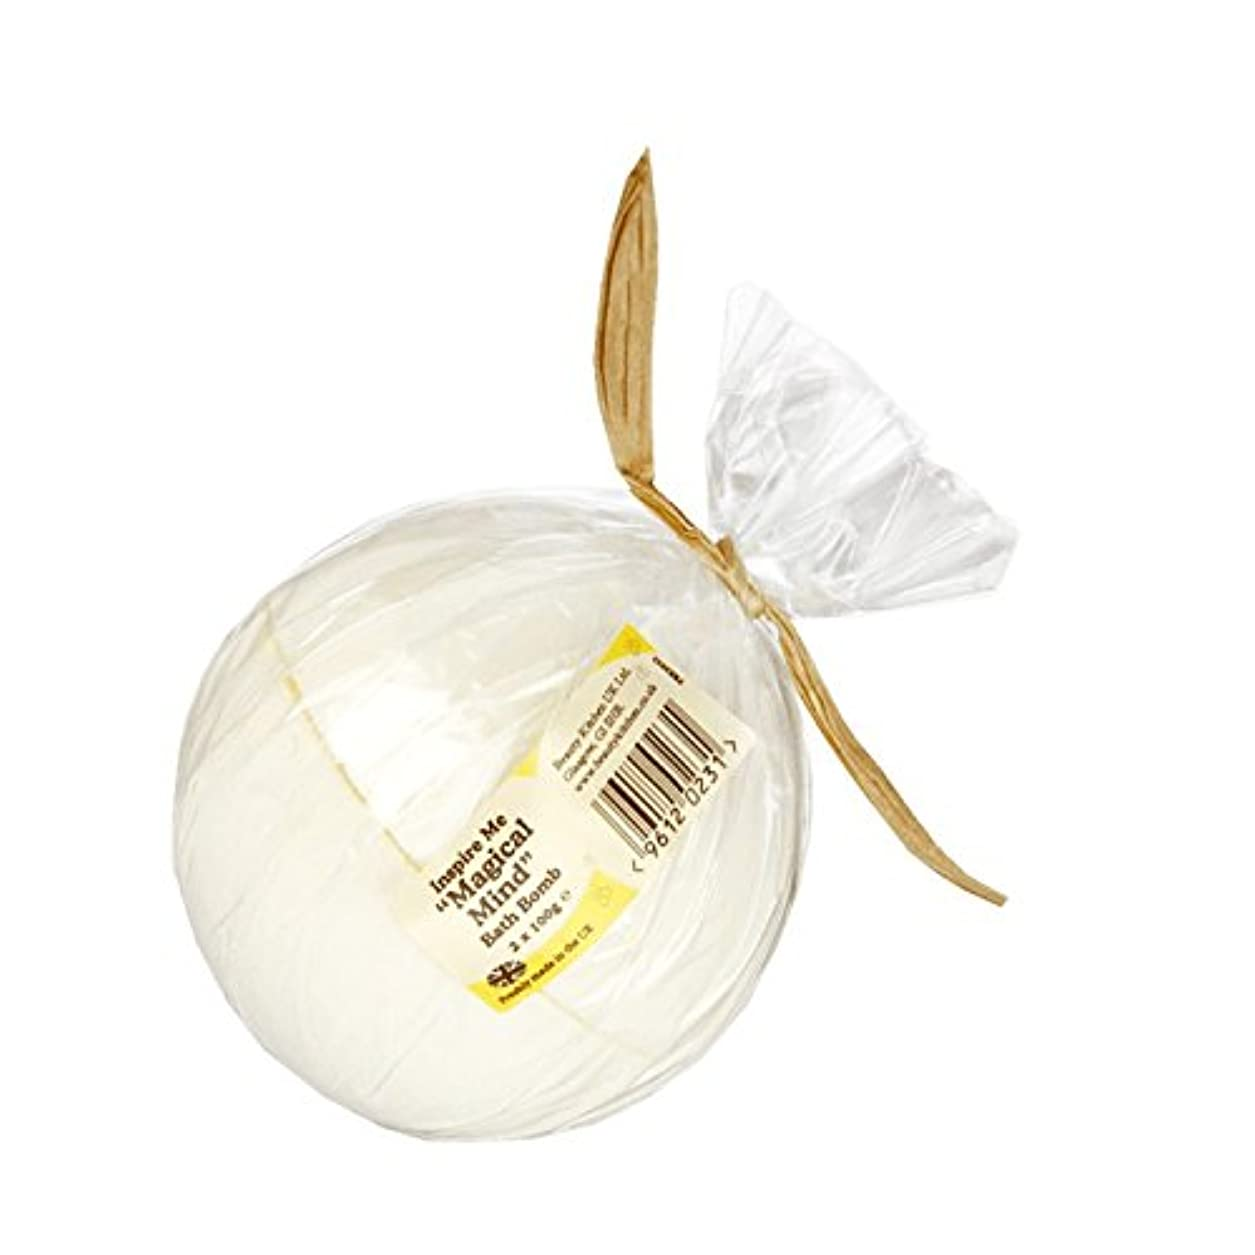 月モデレータ創造Beauty Kitchen Inspire Me Magical Mind Bath Bomb 2 x 100g (Pack of 6) - 美しさのキッチンは私に魔法心風呂爆弾2×100グラムを鼓舞します (x6) [並行輸入品]